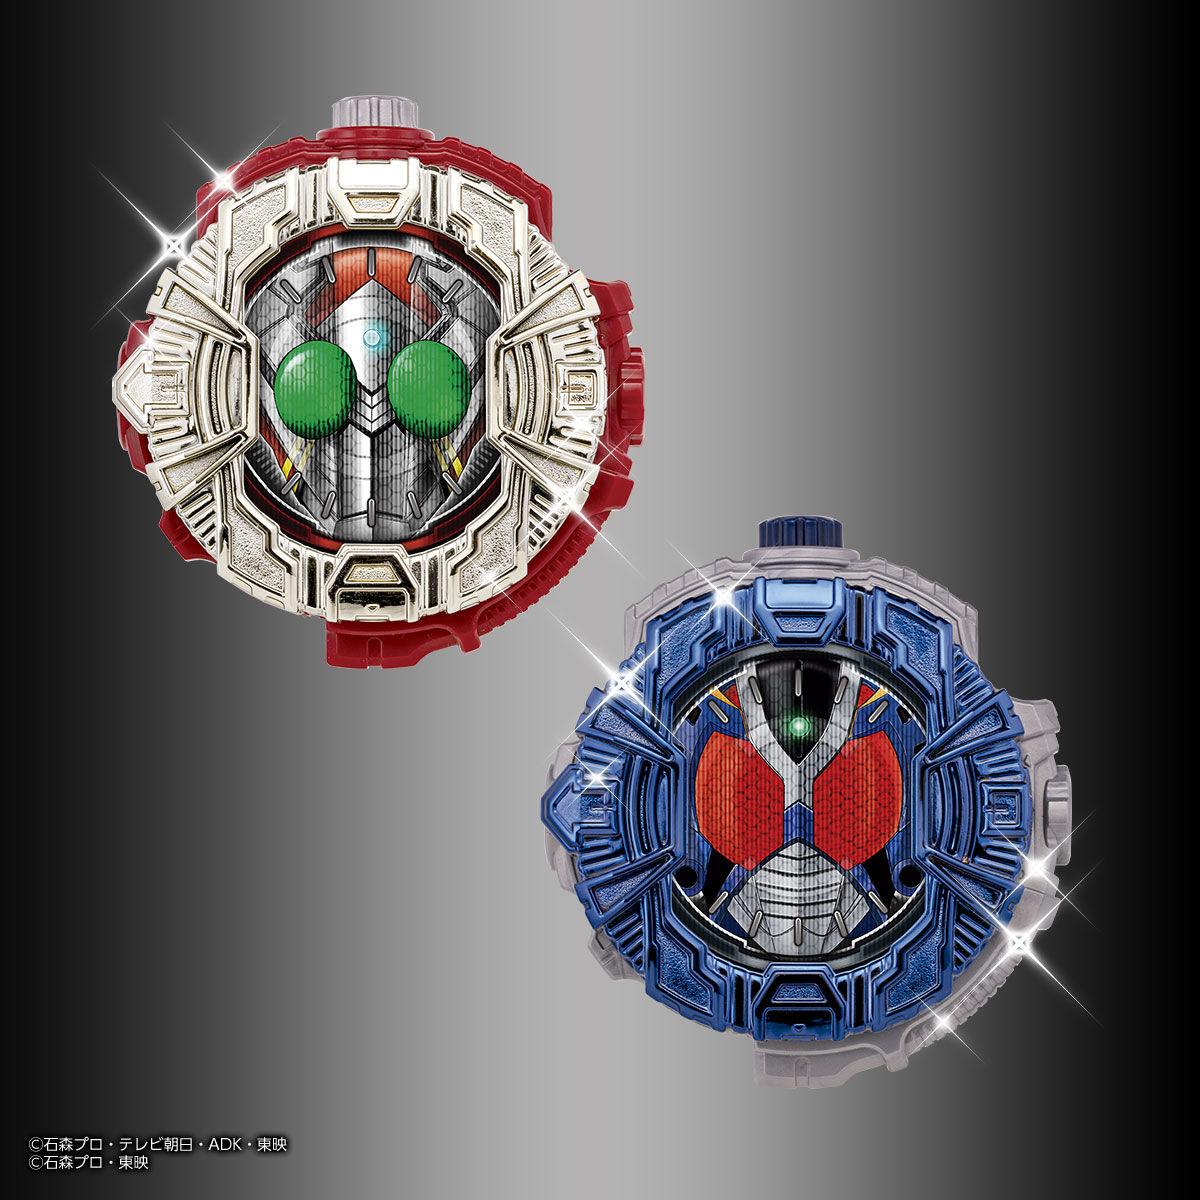 仮面ライダージオウ サウンドライドウォッチシリーズ『GPライドウォッチPB02』ガシャポン-005